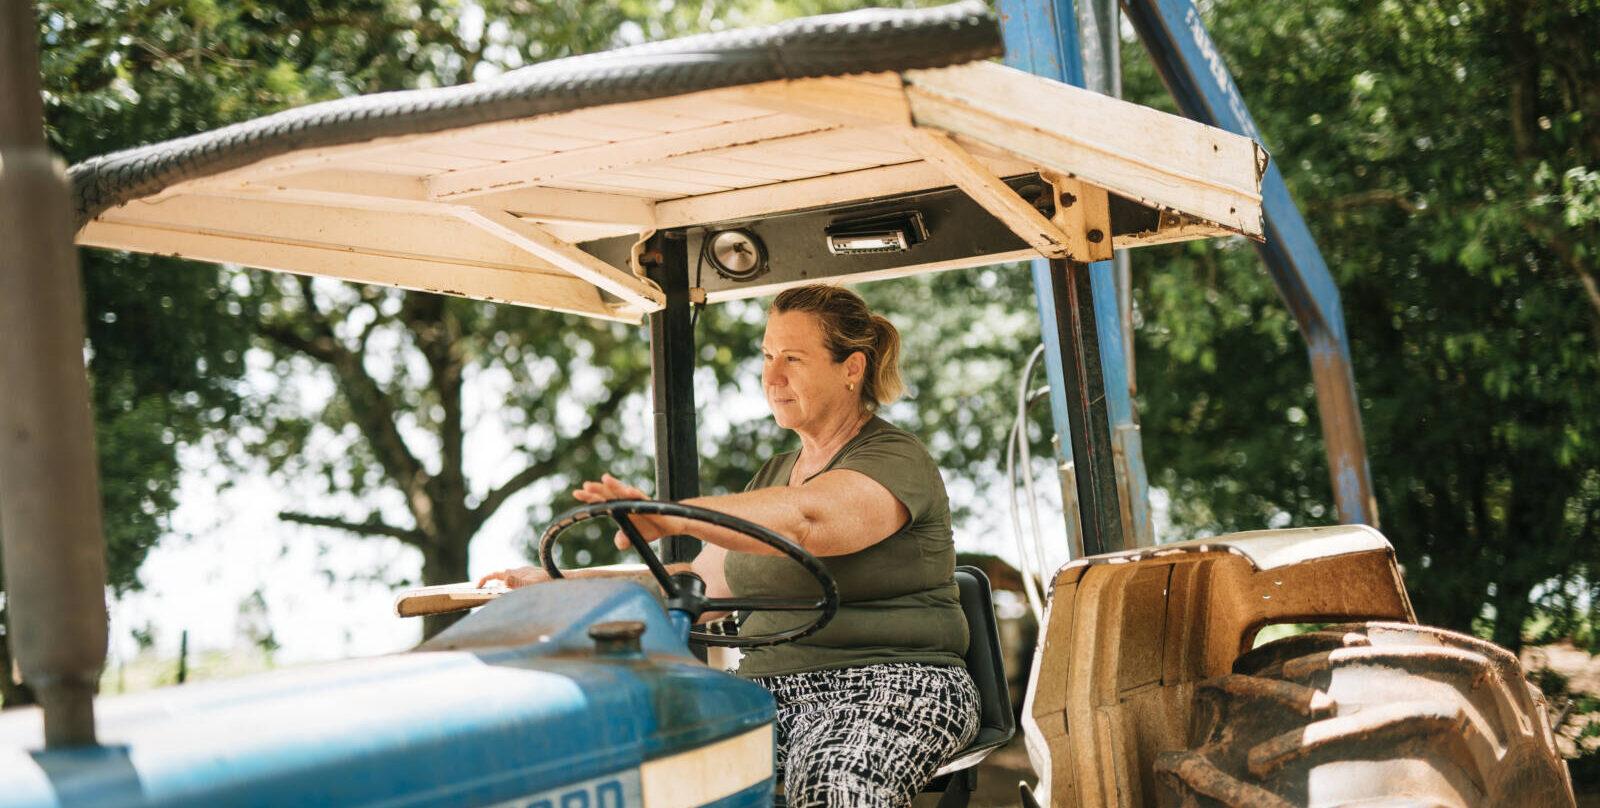 Eine Frau sitzt auf einem blauen Traktor.